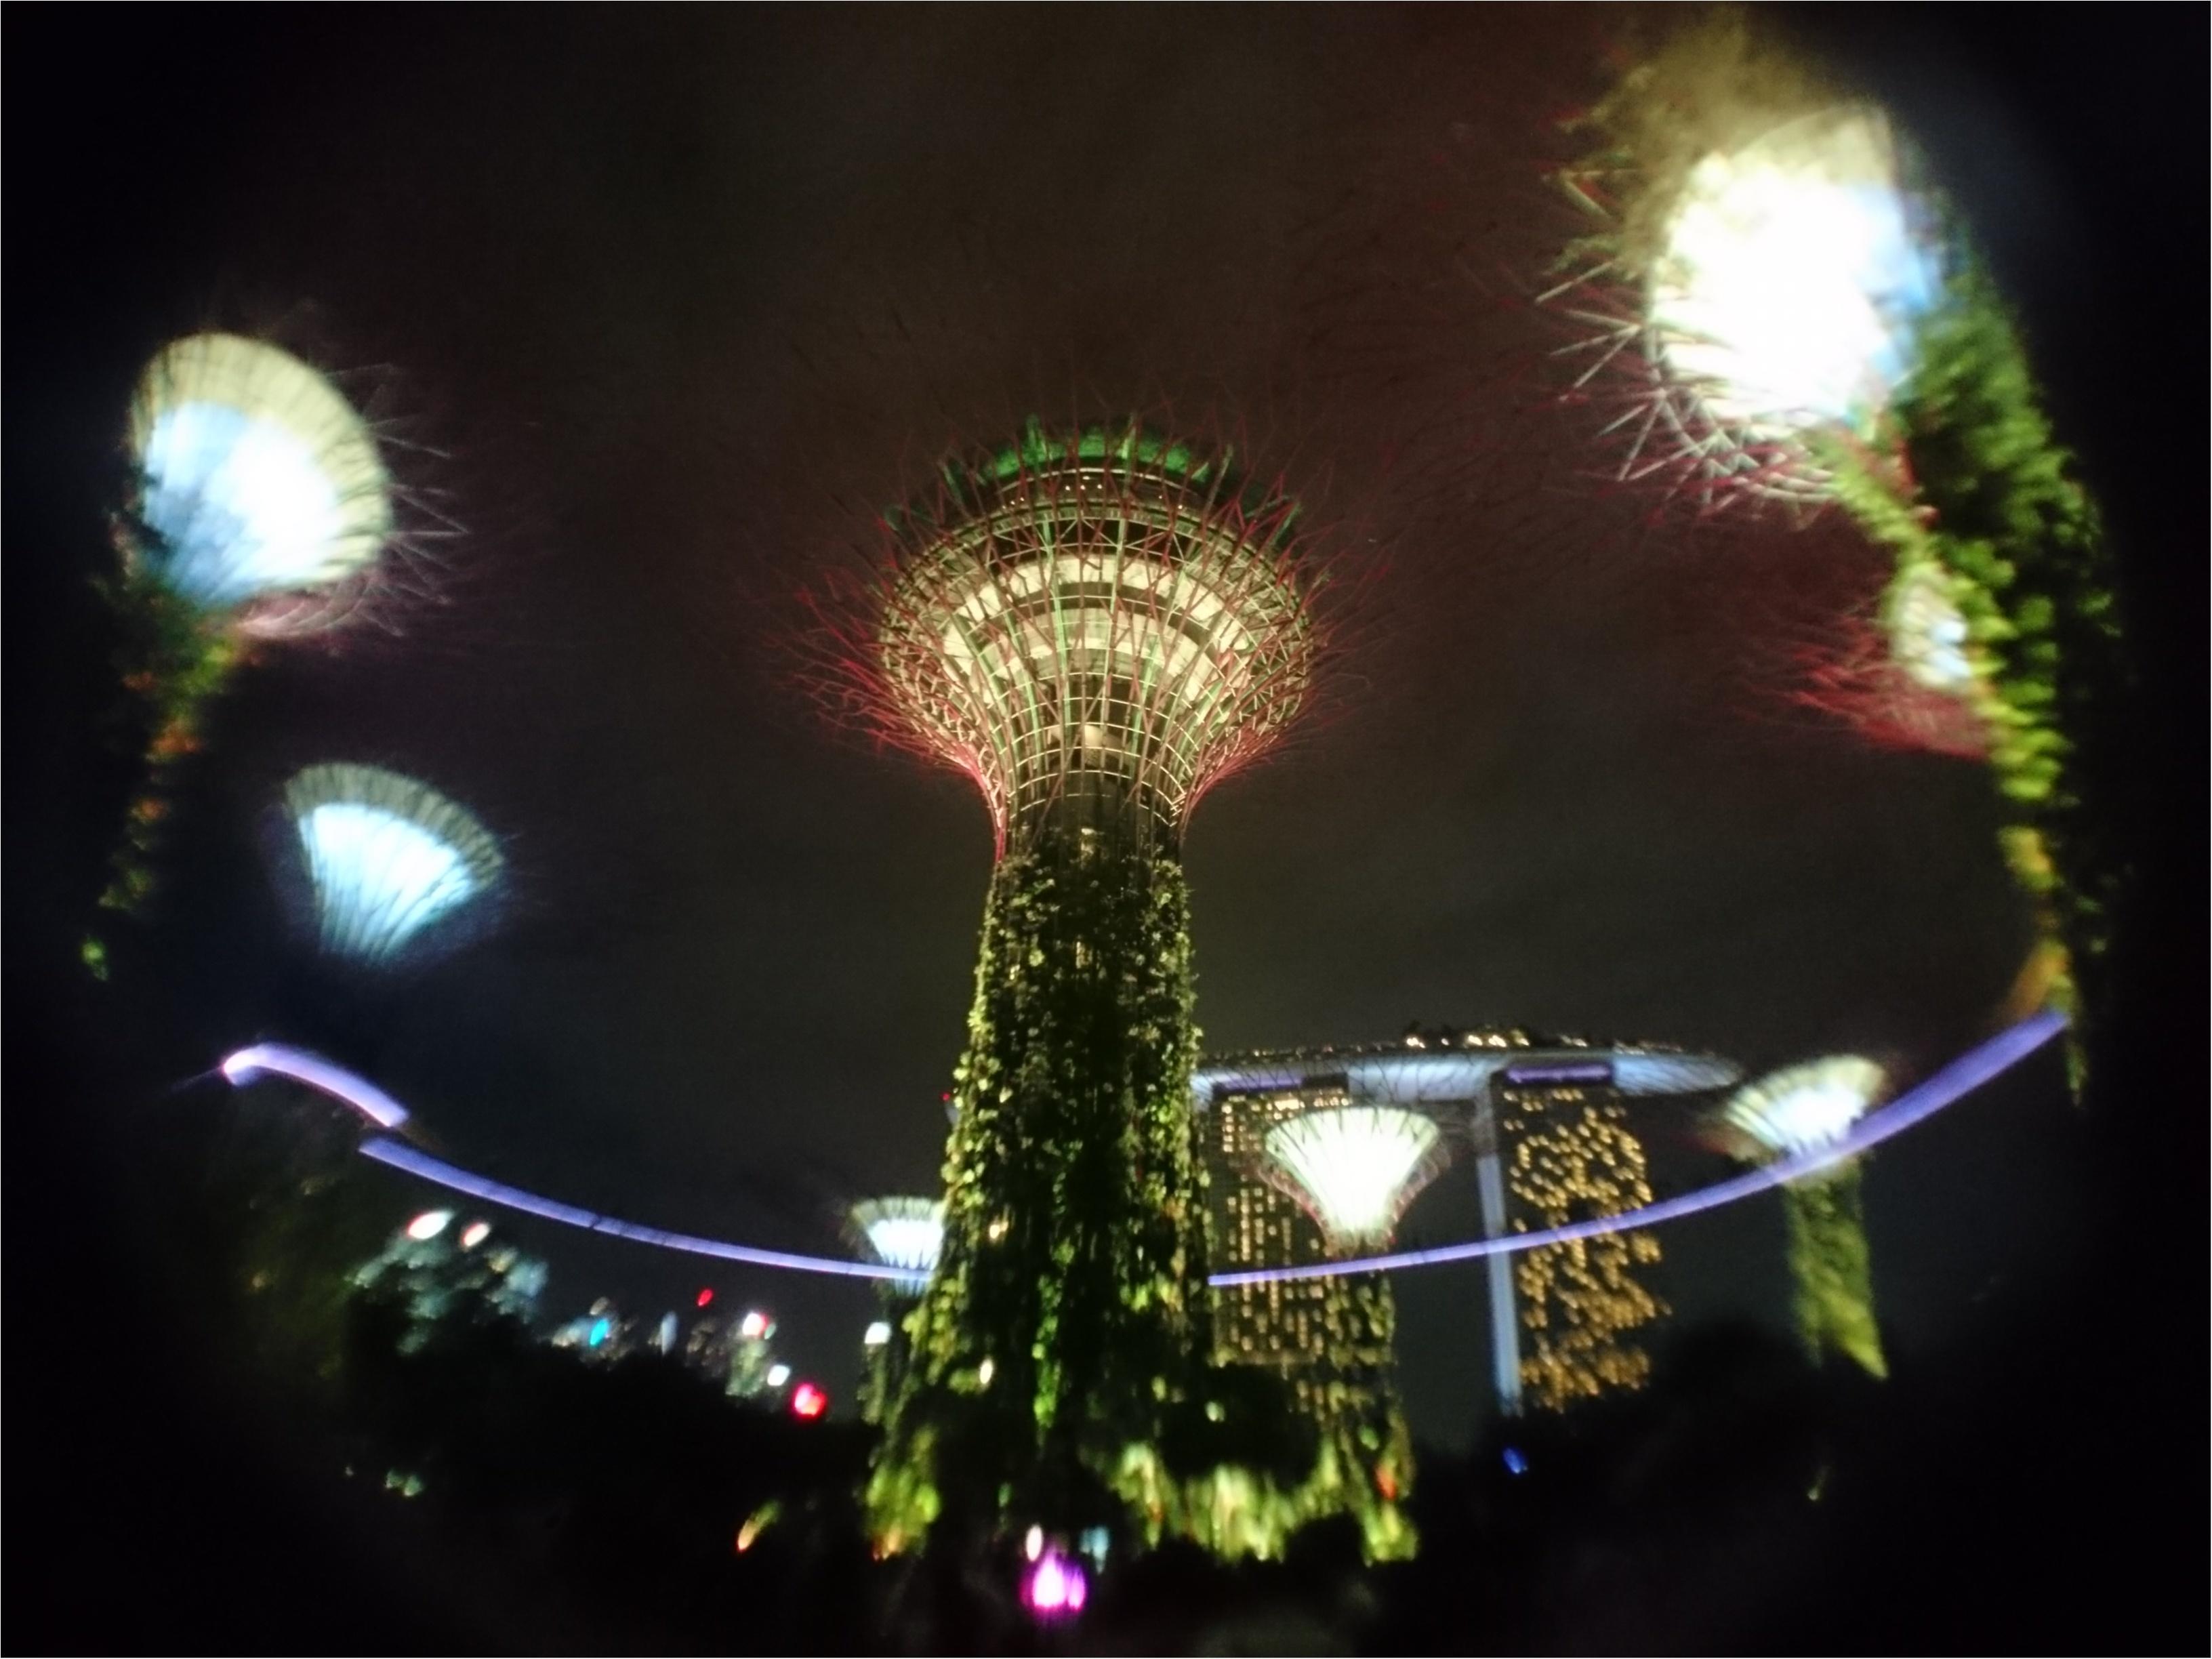 シンガポール女子旅特集 - 人気のマリーナベイ・サンズなどインスタ映えスポット、おいしいグルメがいっぱい♪_46